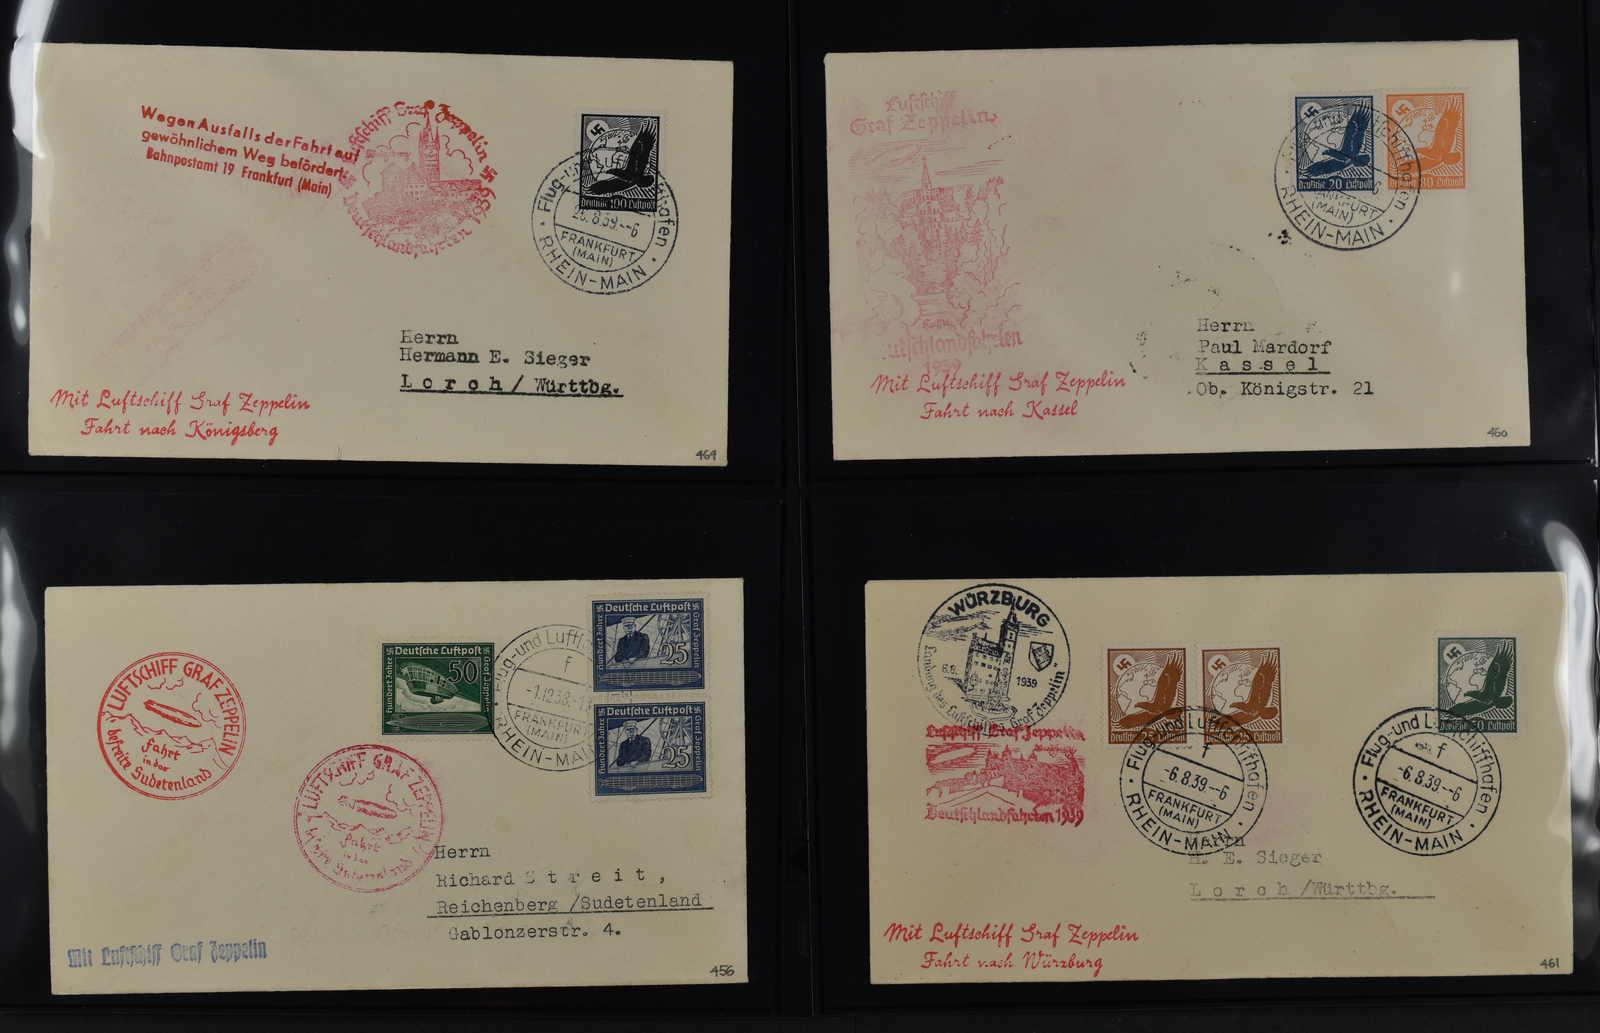 Lot 729 - sammlungen und posten sammlungen und posten zeppelin und luftpost -  Schwarzenbach Auktion Zurich 67th Auction - Session II